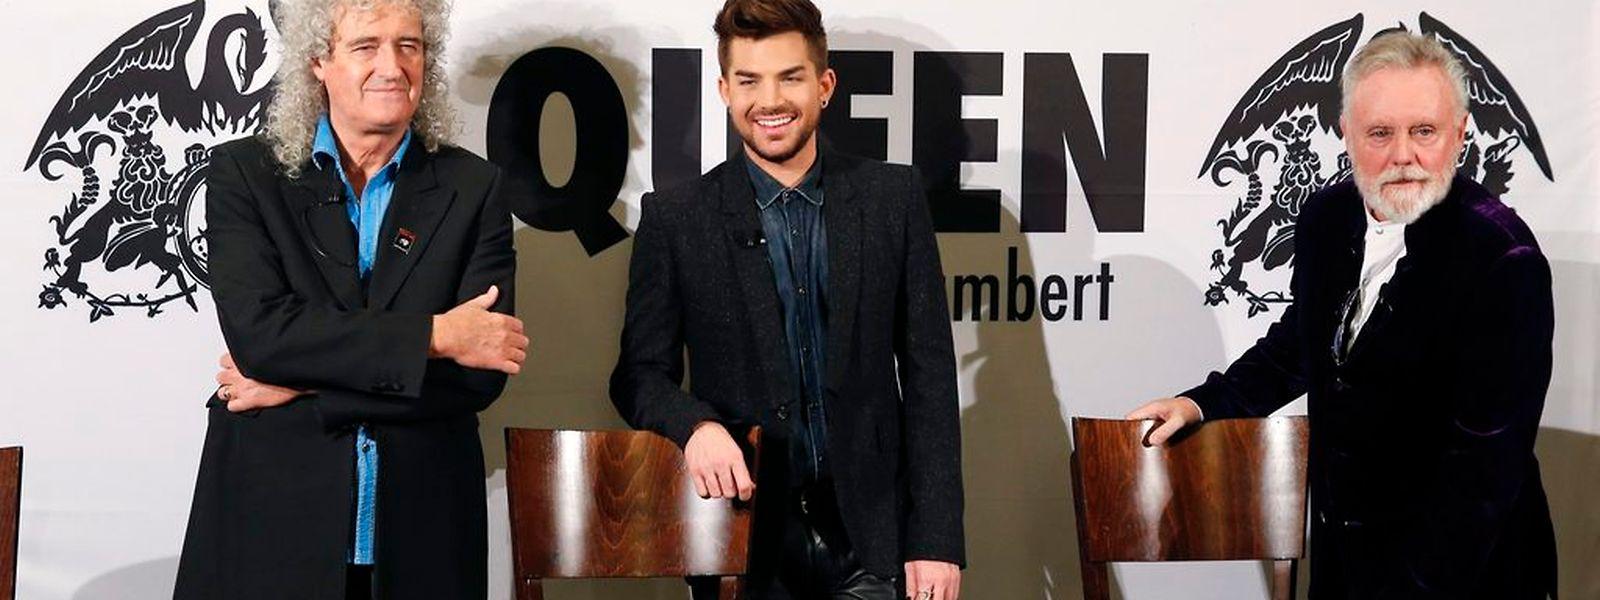 Die altgedienten Heroen von Queen, Gitarrist Brian May (l.) und Schlagzeuger Roger Taylor (r.), stellten ihren jungen neuen Frontmann Adam Lambert in Berlin vor.